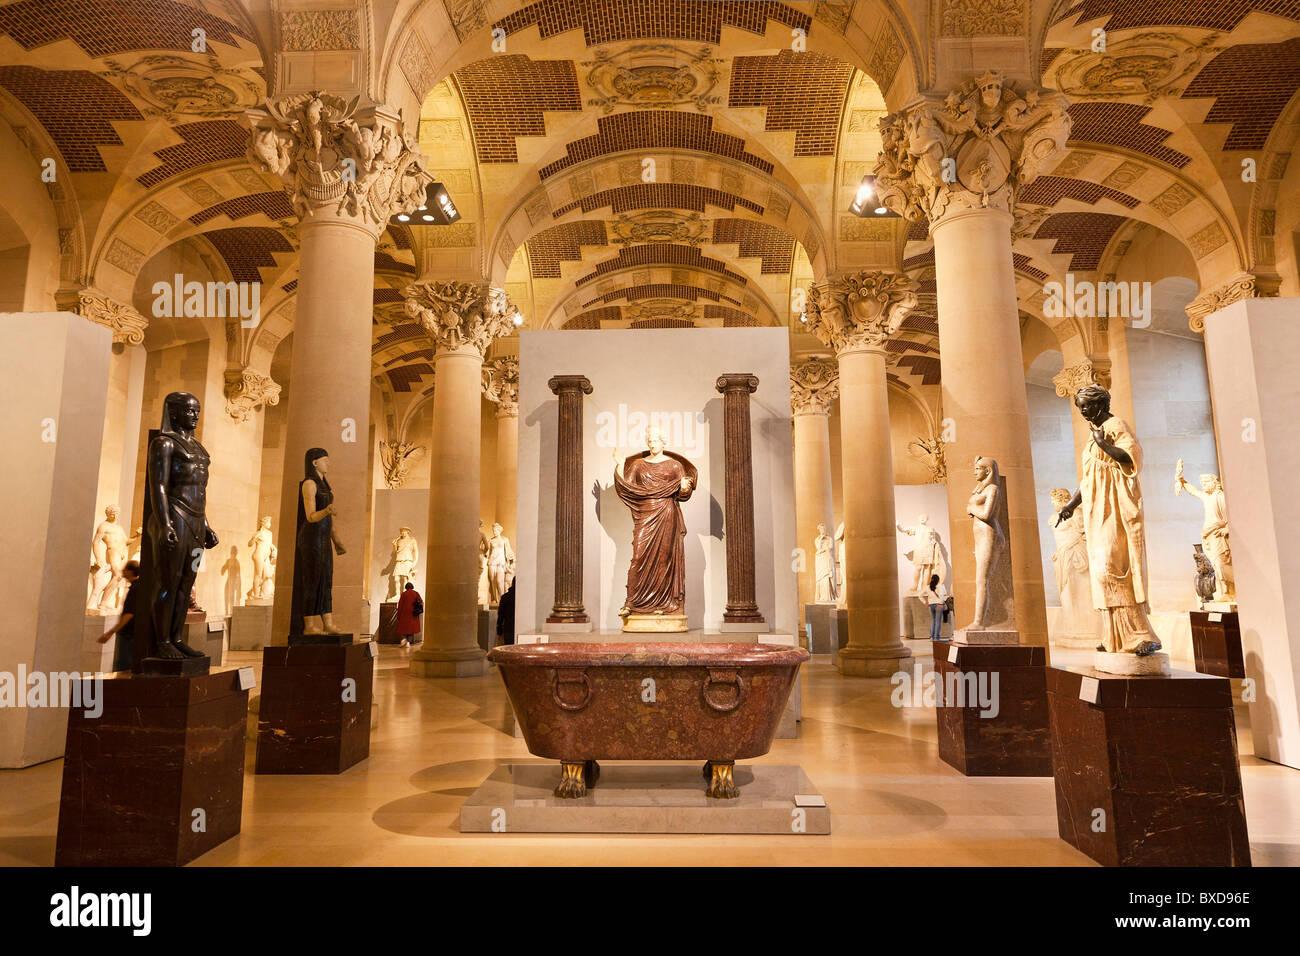 Paris, Musee du Louvre - Stock Image